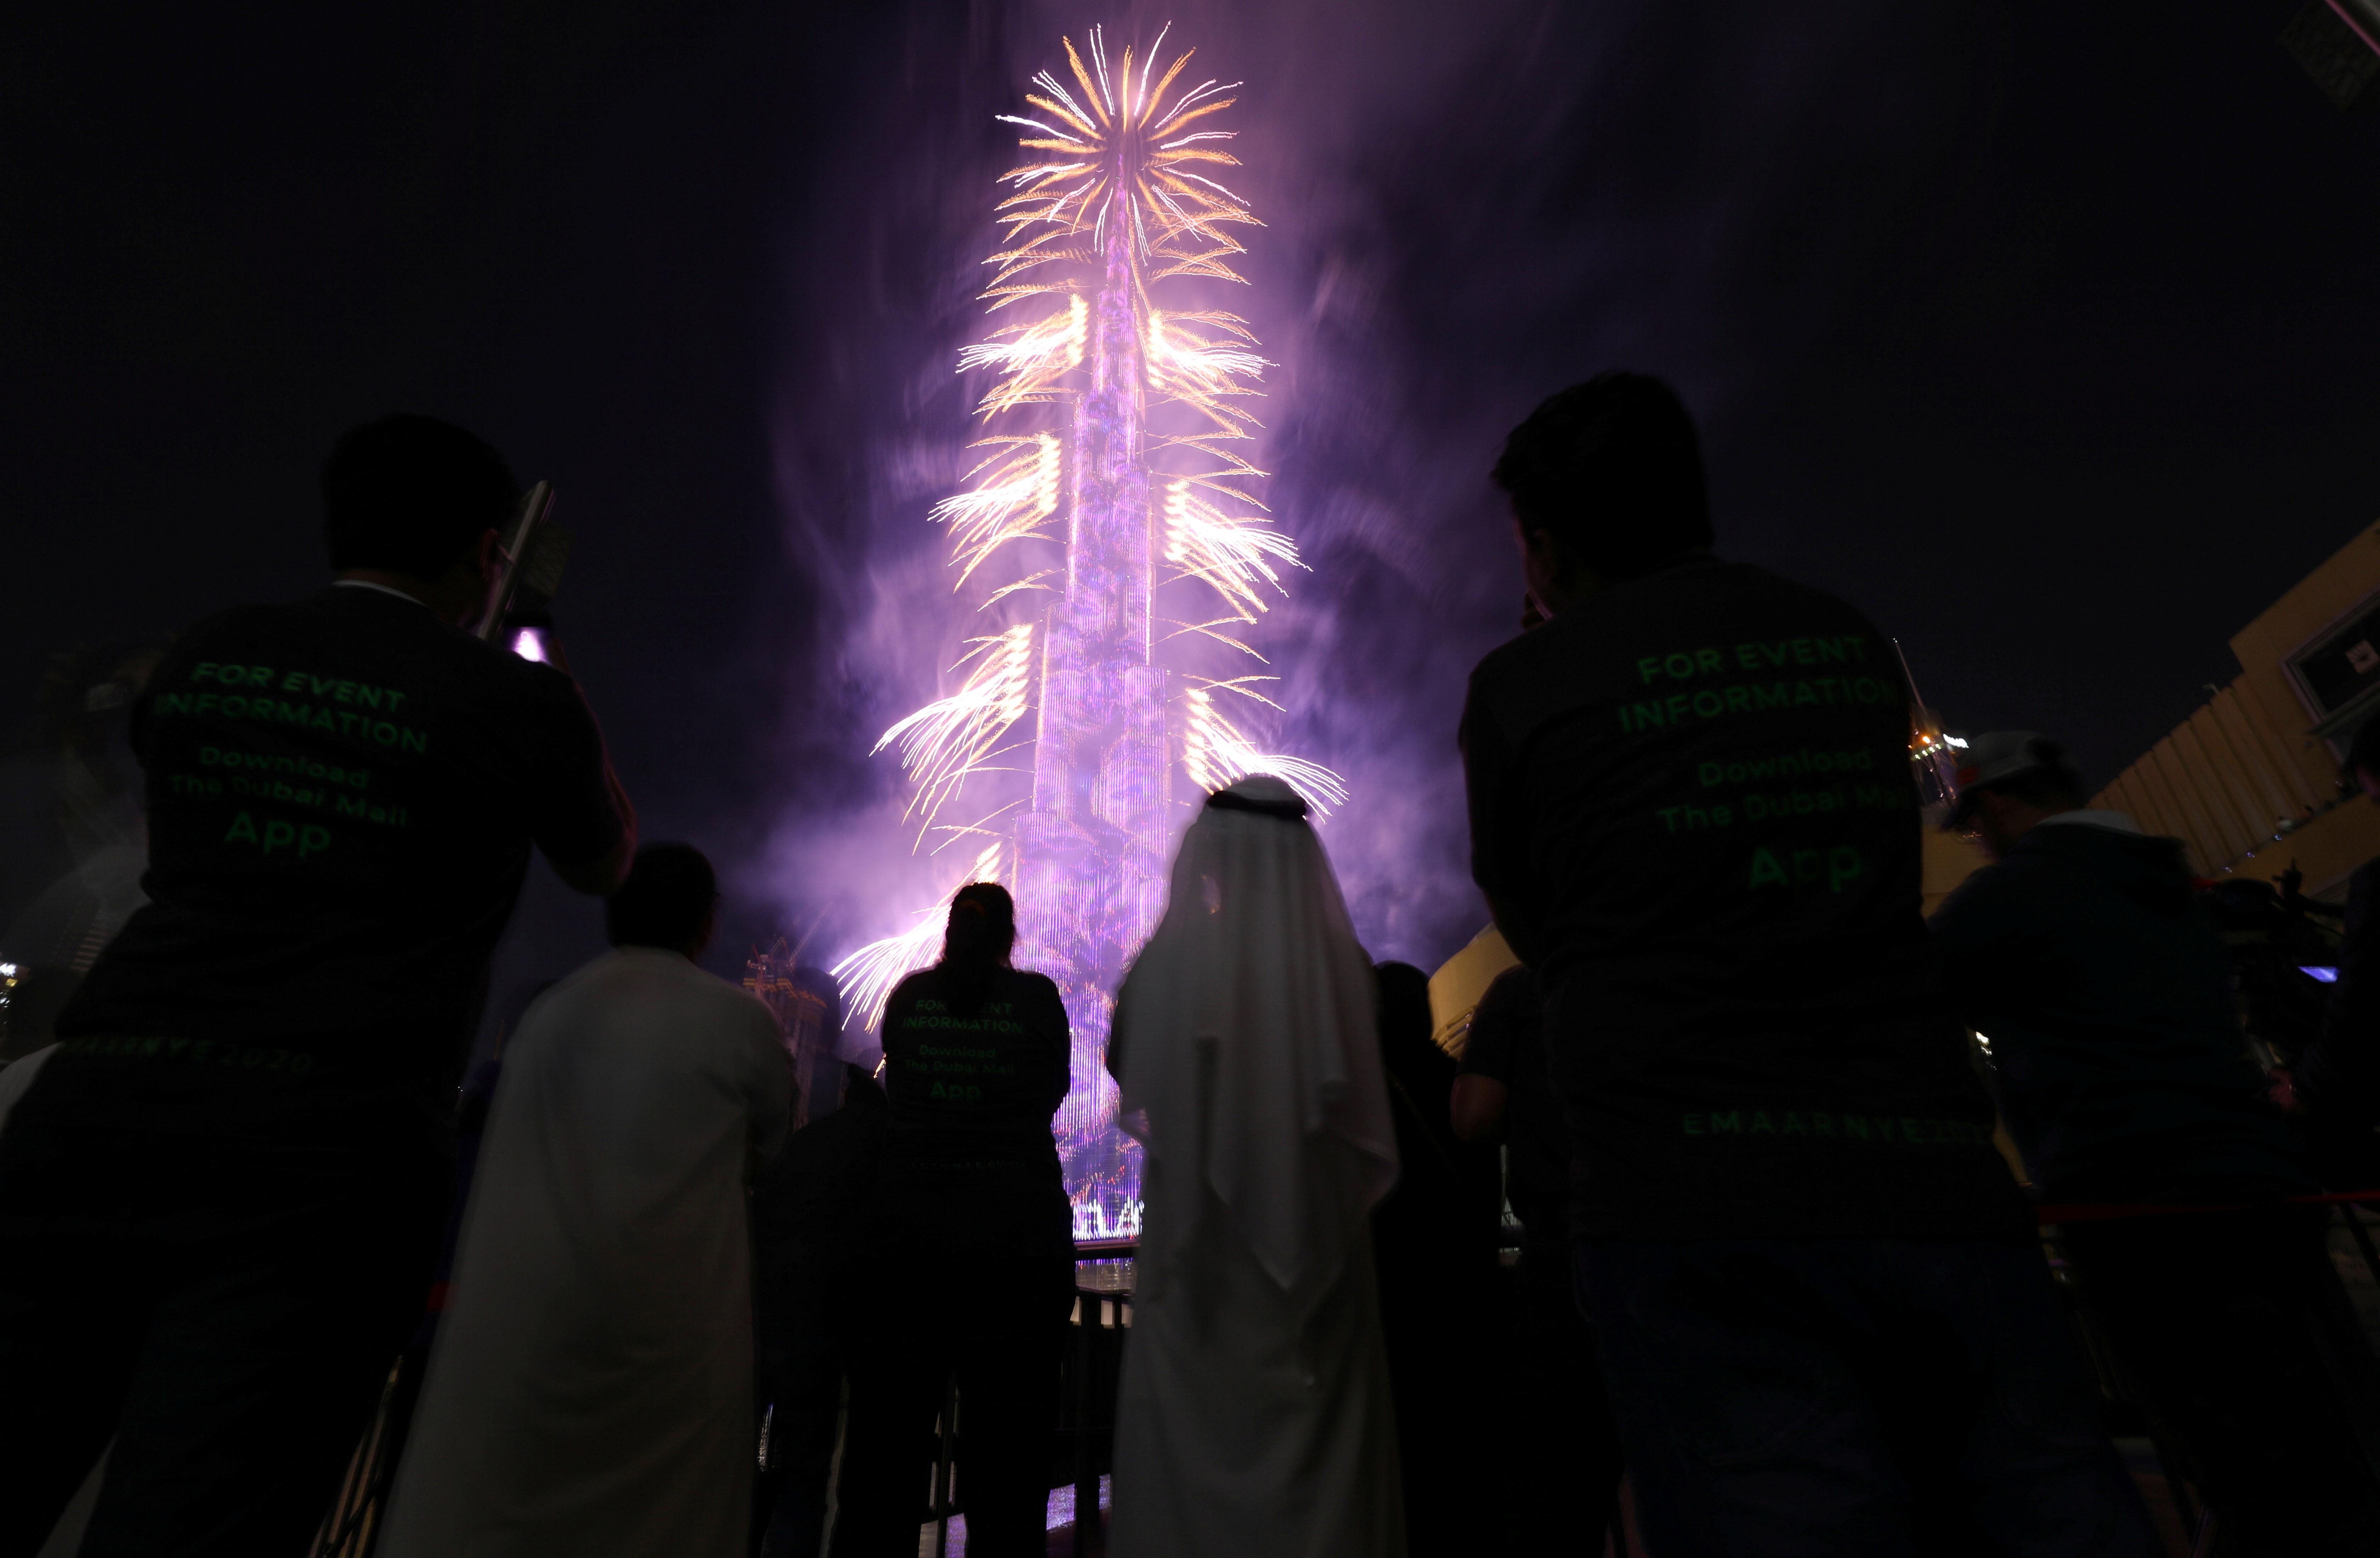 La gente ve estallar fuegos artificiales alrededor del Burj Khalifa, el edificio más alto del mundo, durante las celebraciones de Año Nuevo en Dubai, Emiratos Árabes Unidos (REUTERS/Christopher Pike)